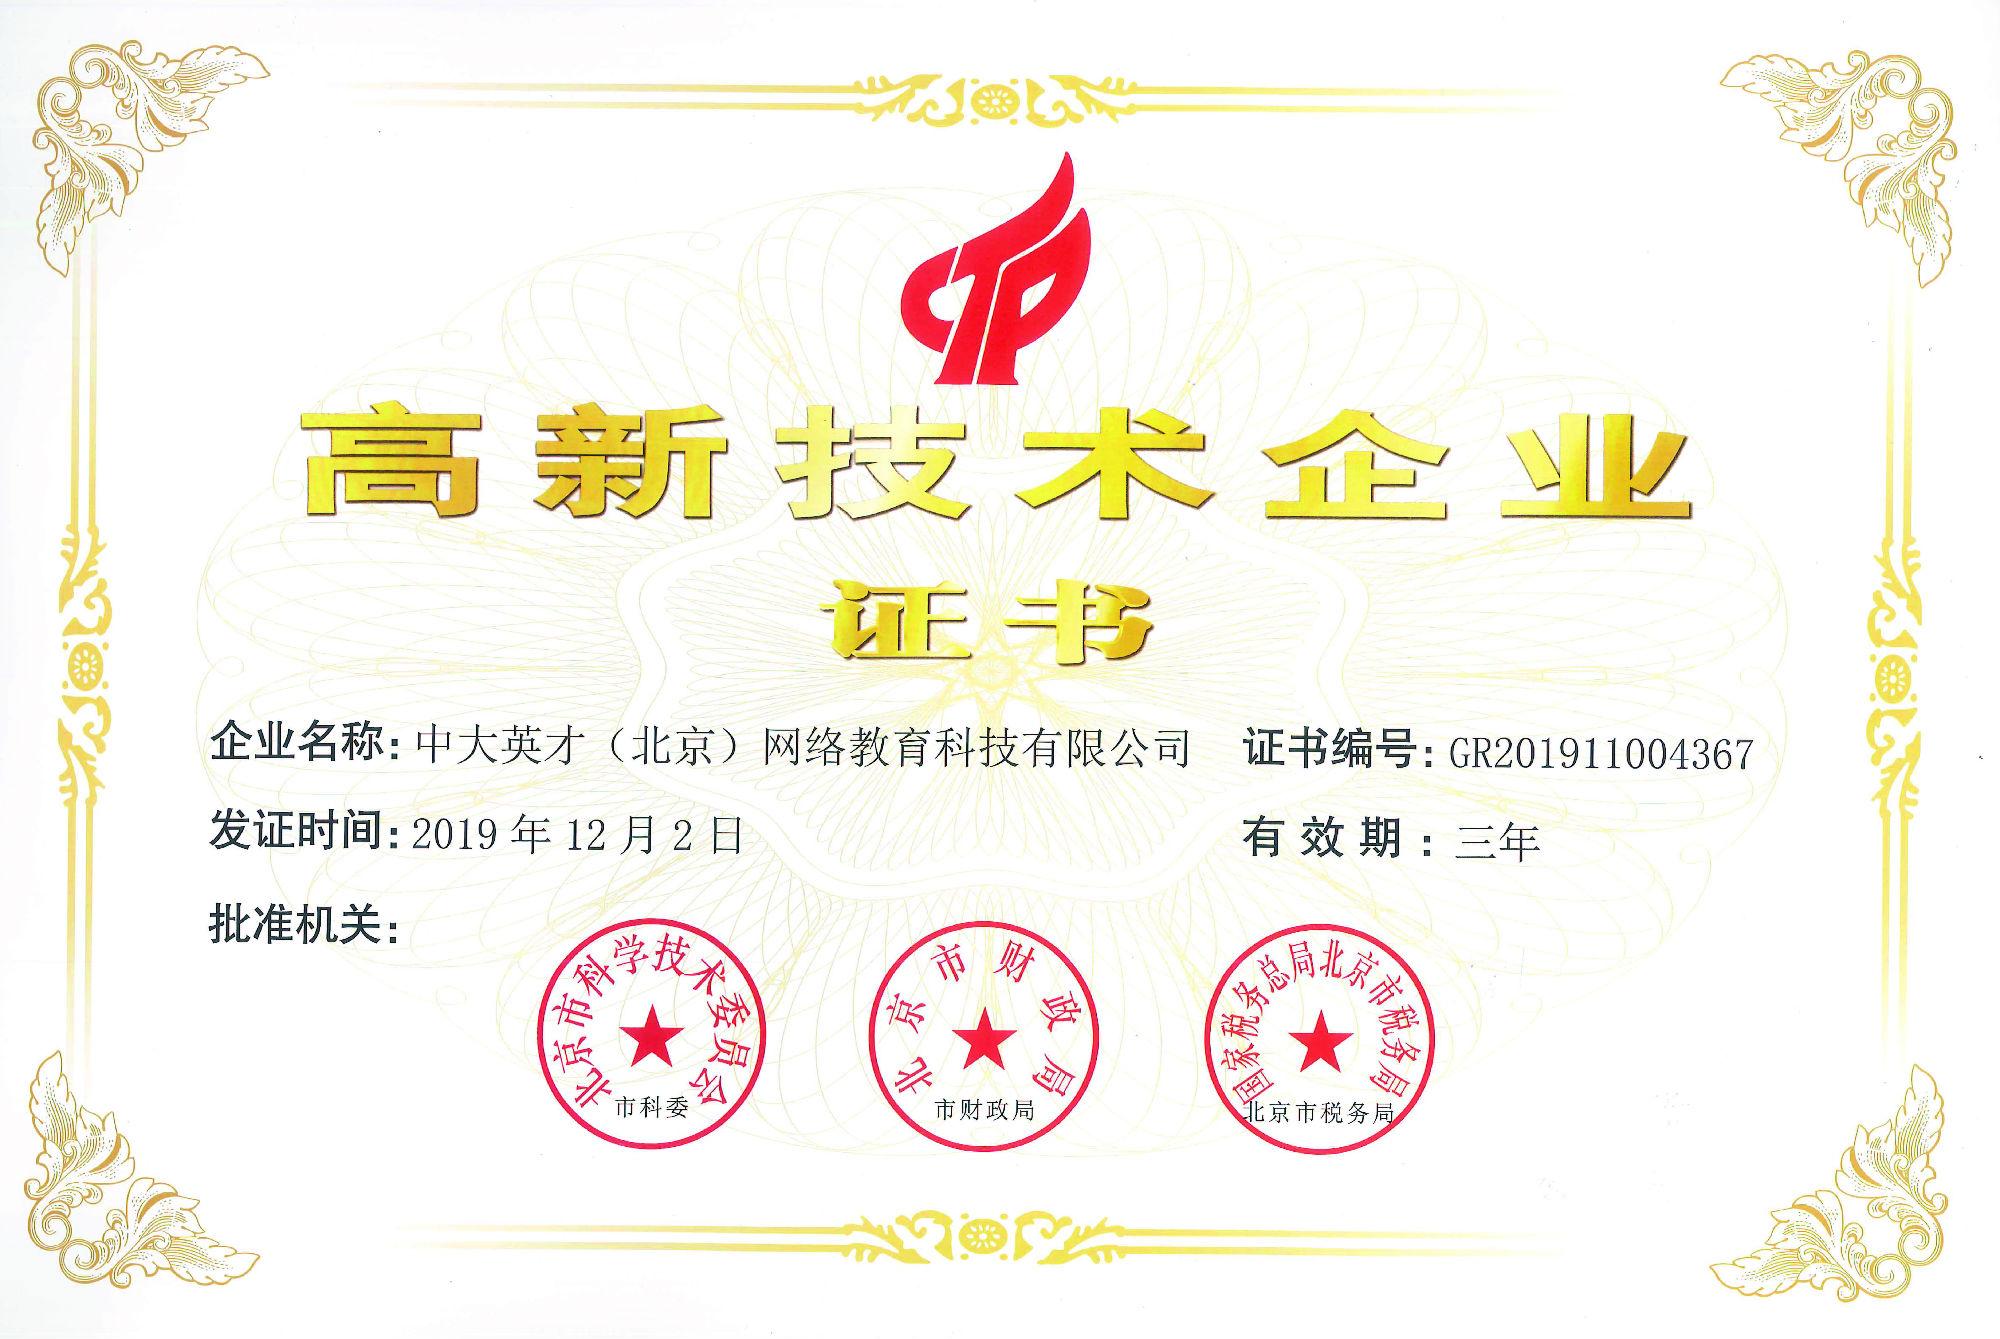 中大网校高新技术企业证书